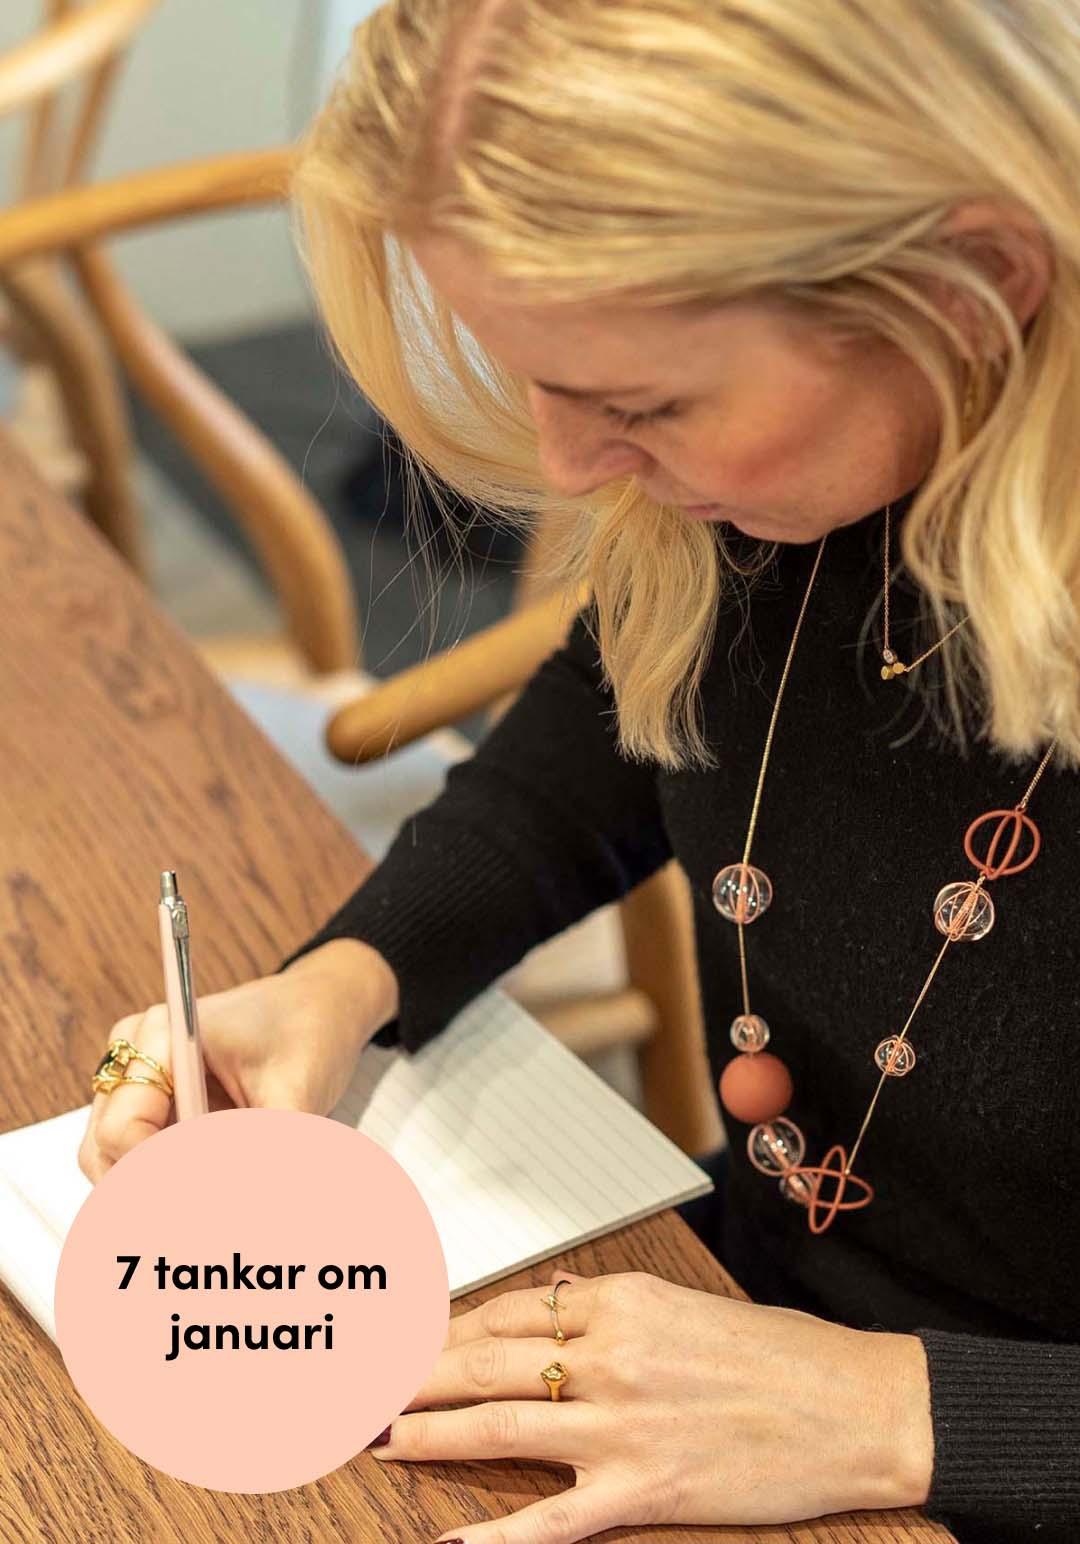 Pernilla Axelsson skriver 7 tankar om januari